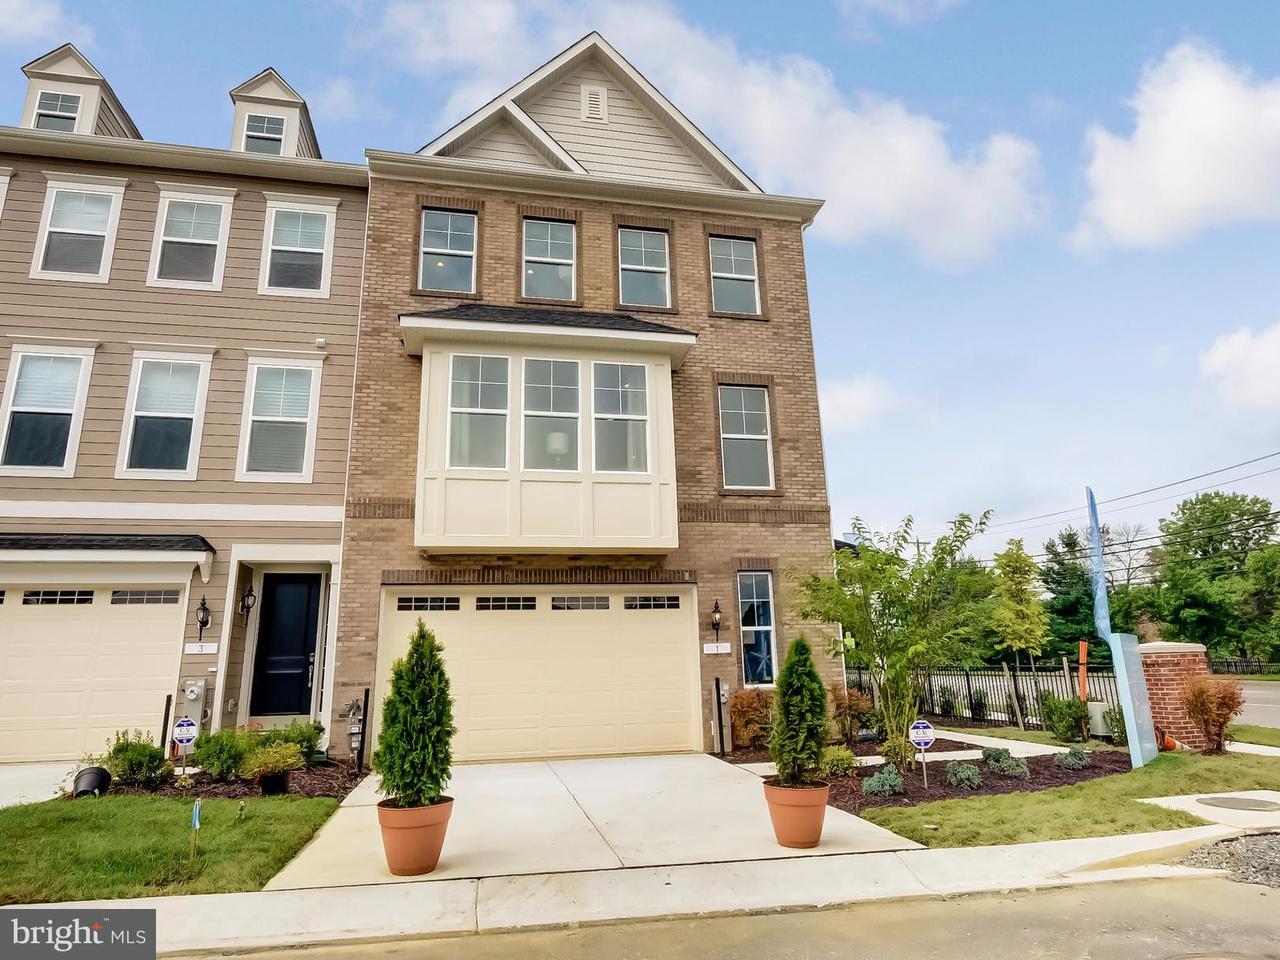 Casa unifamiliar adosada (Townhouse) por un Venta en 13 ENCLAVE Court 13 ENCLAVE Court Annapolis, Maryland 21403 Estados Unidos